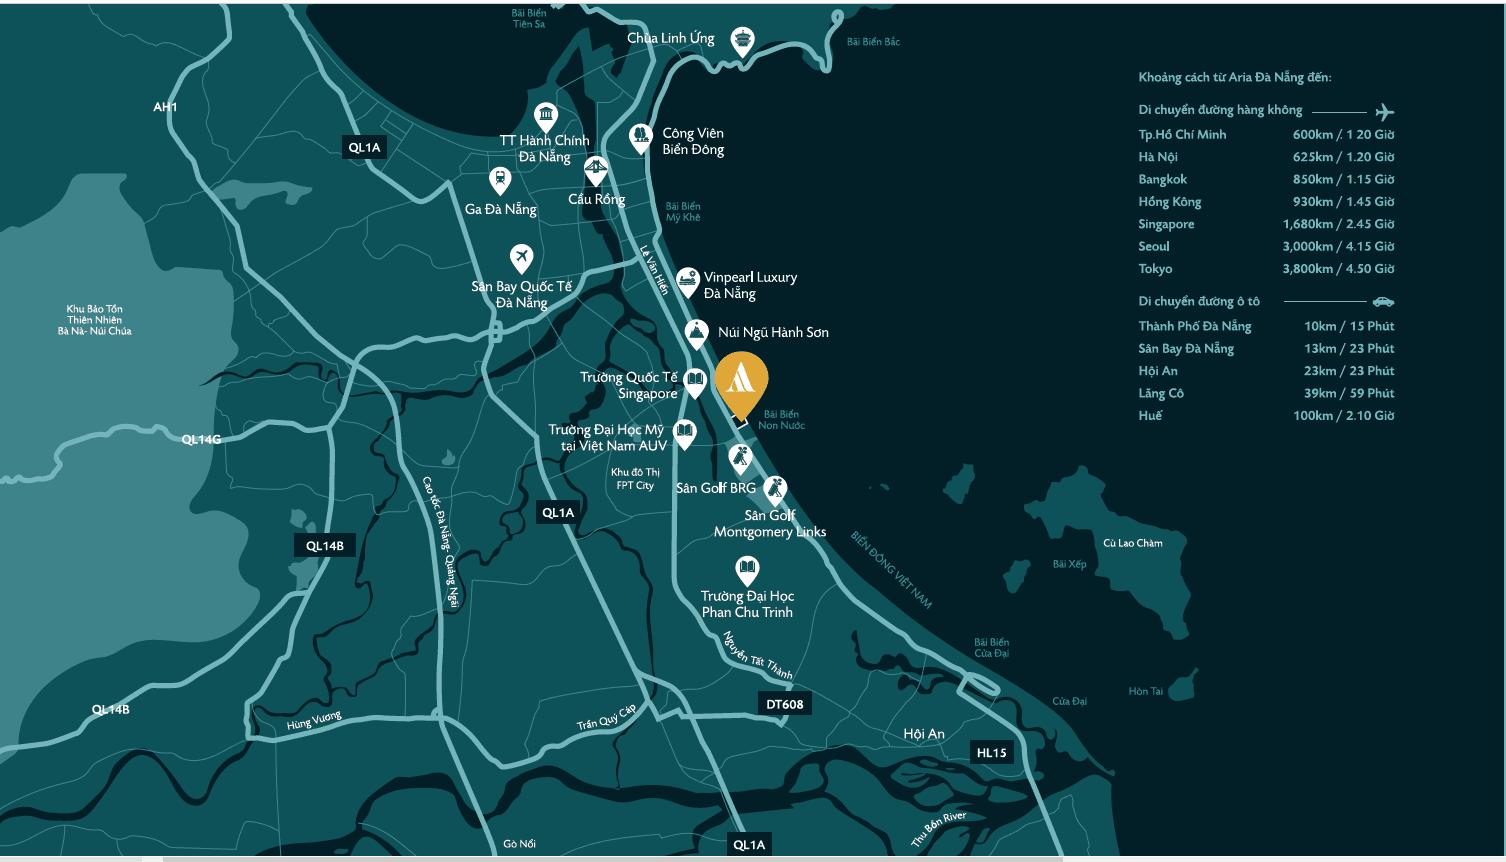 Map - Vị trí dự án Aria Đà Nẵng Hotels & Resorts